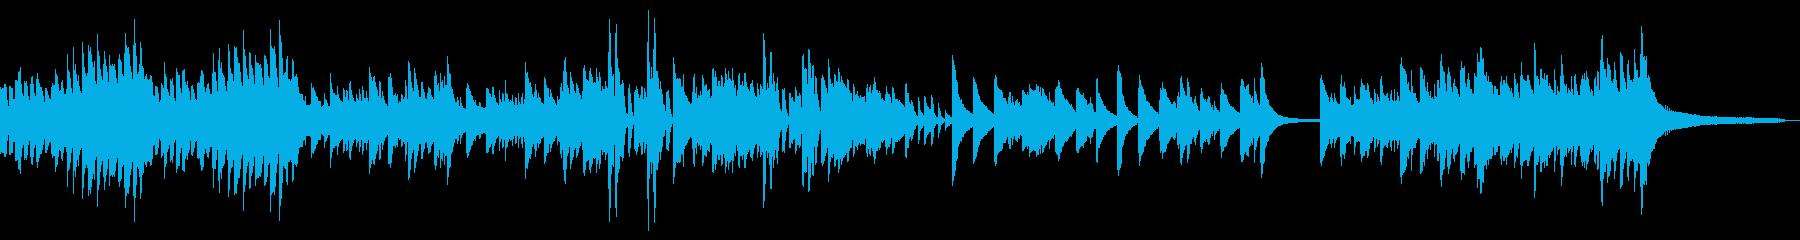 しっとりしたピアノ曲の再生済みの波形